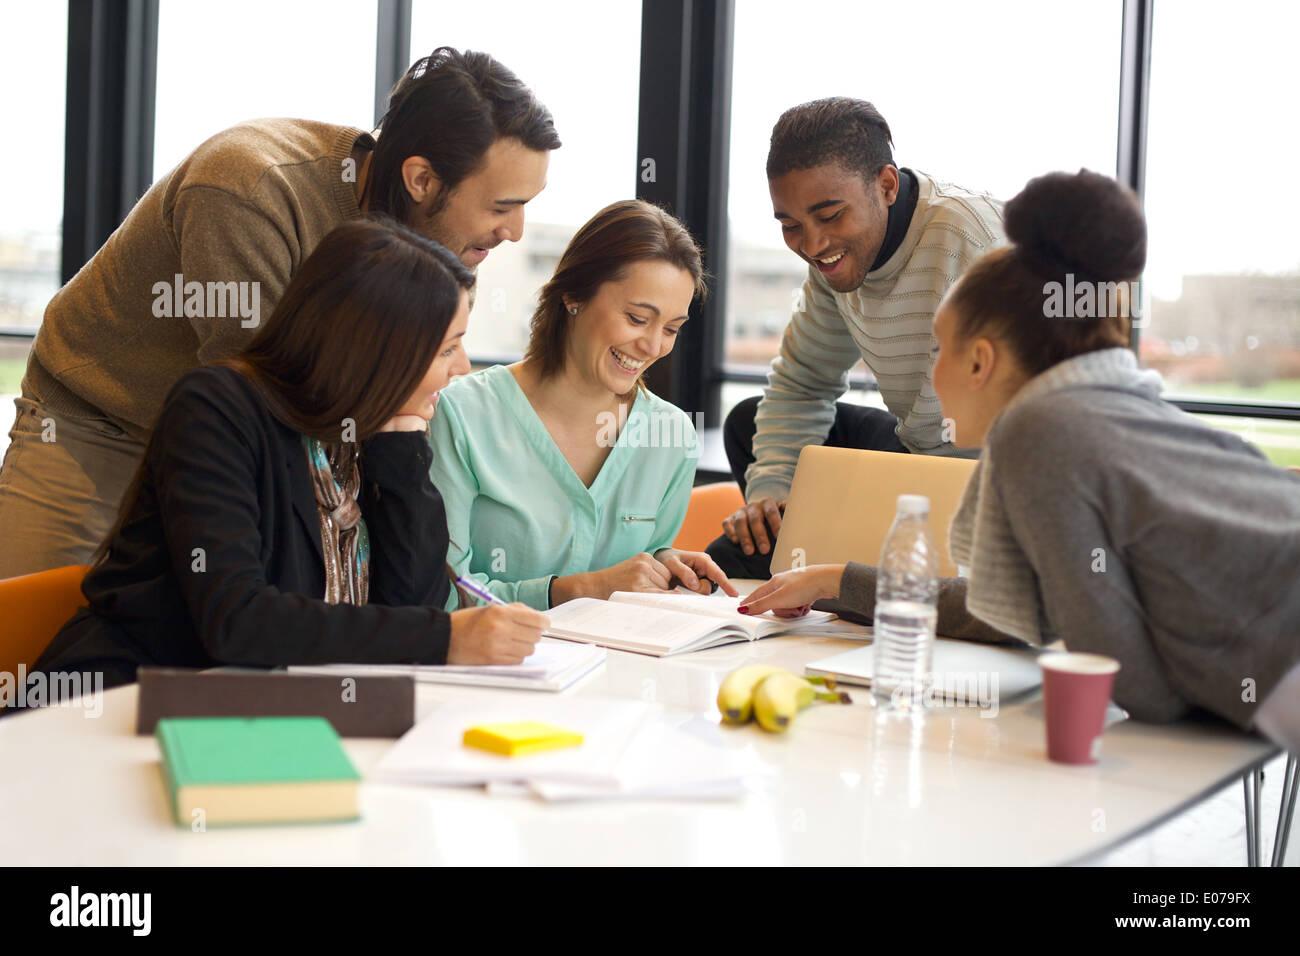 Gruppe von glücklichen jungen Studenten in Zusammenarbeit mit ihrer Schule-Zuordnung. Multiethnische junge Leute sitzen am Tisch lesen. Stockbild